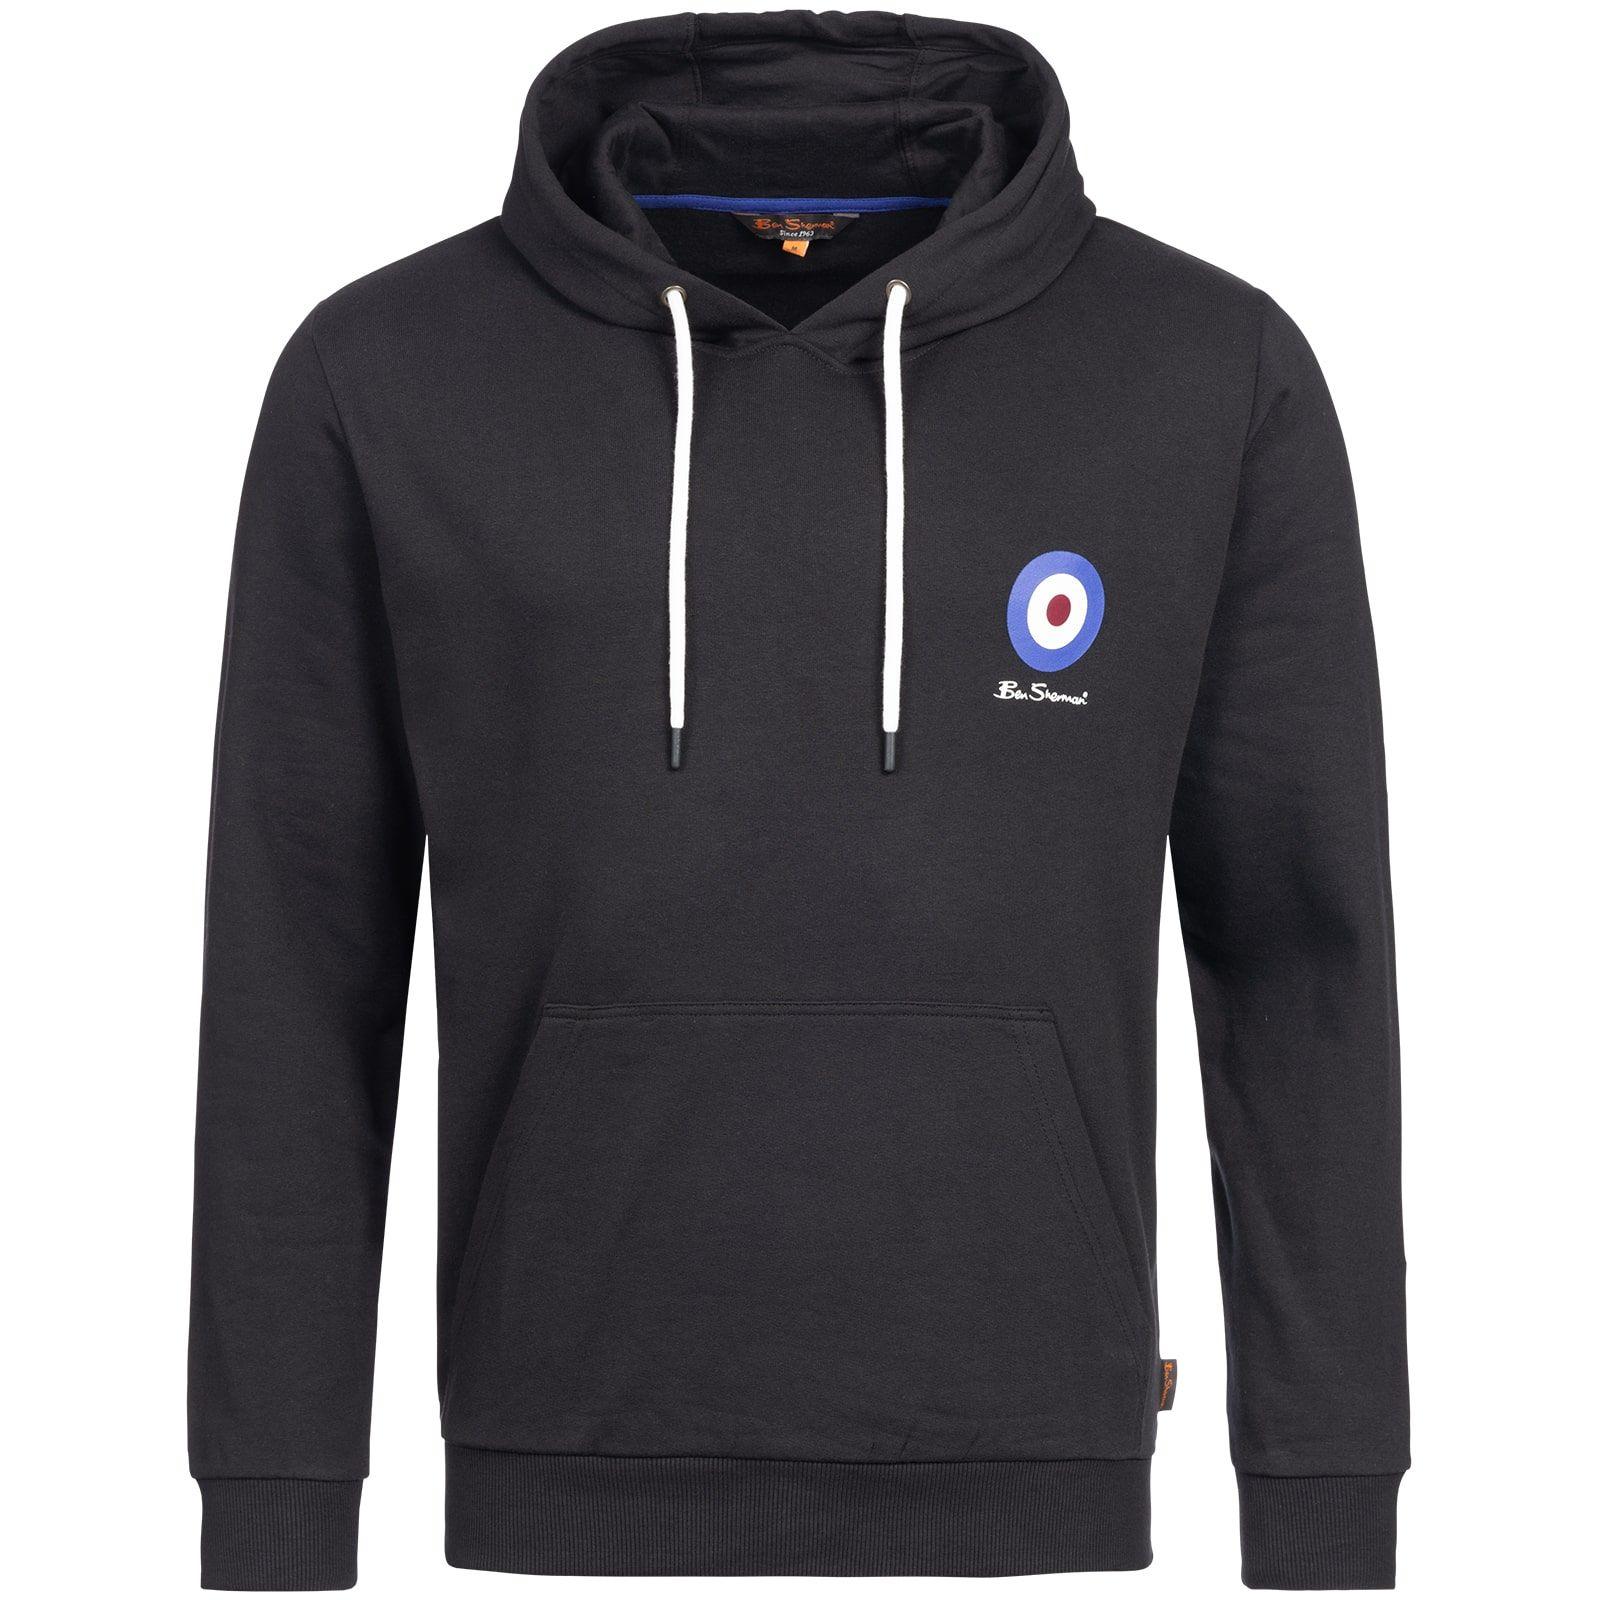 Ben Sherman-Sale bei Sportspar - z.B. Hoodies für 21,99€, T-Shirts für 9,99€, Badelatschen für 5,99€, Joggers für 18,99€